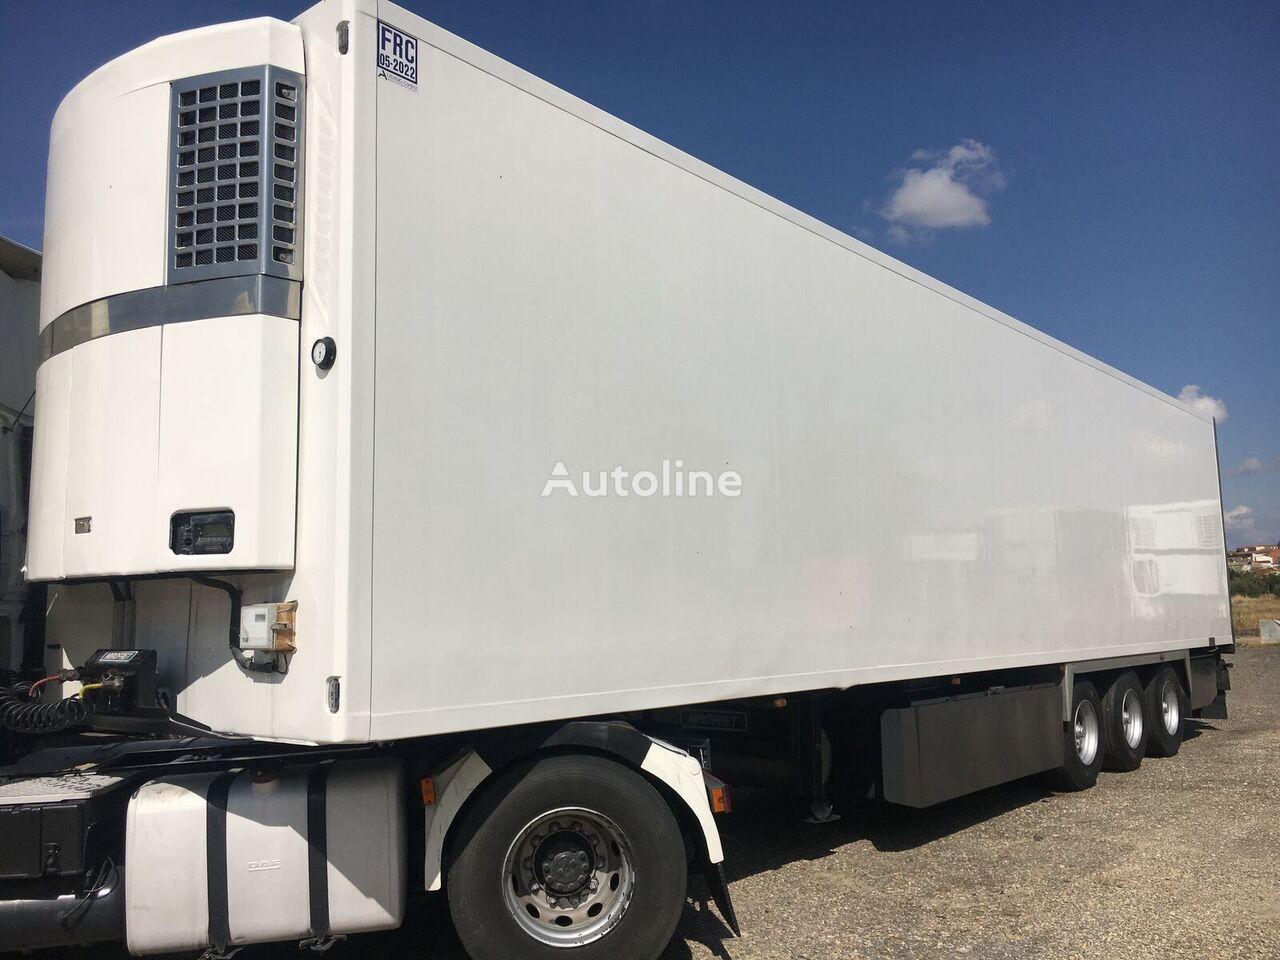 MIROFRET 2,70 INTERIOR. PISO ALUMINIO.  refrigerated semi-trailer